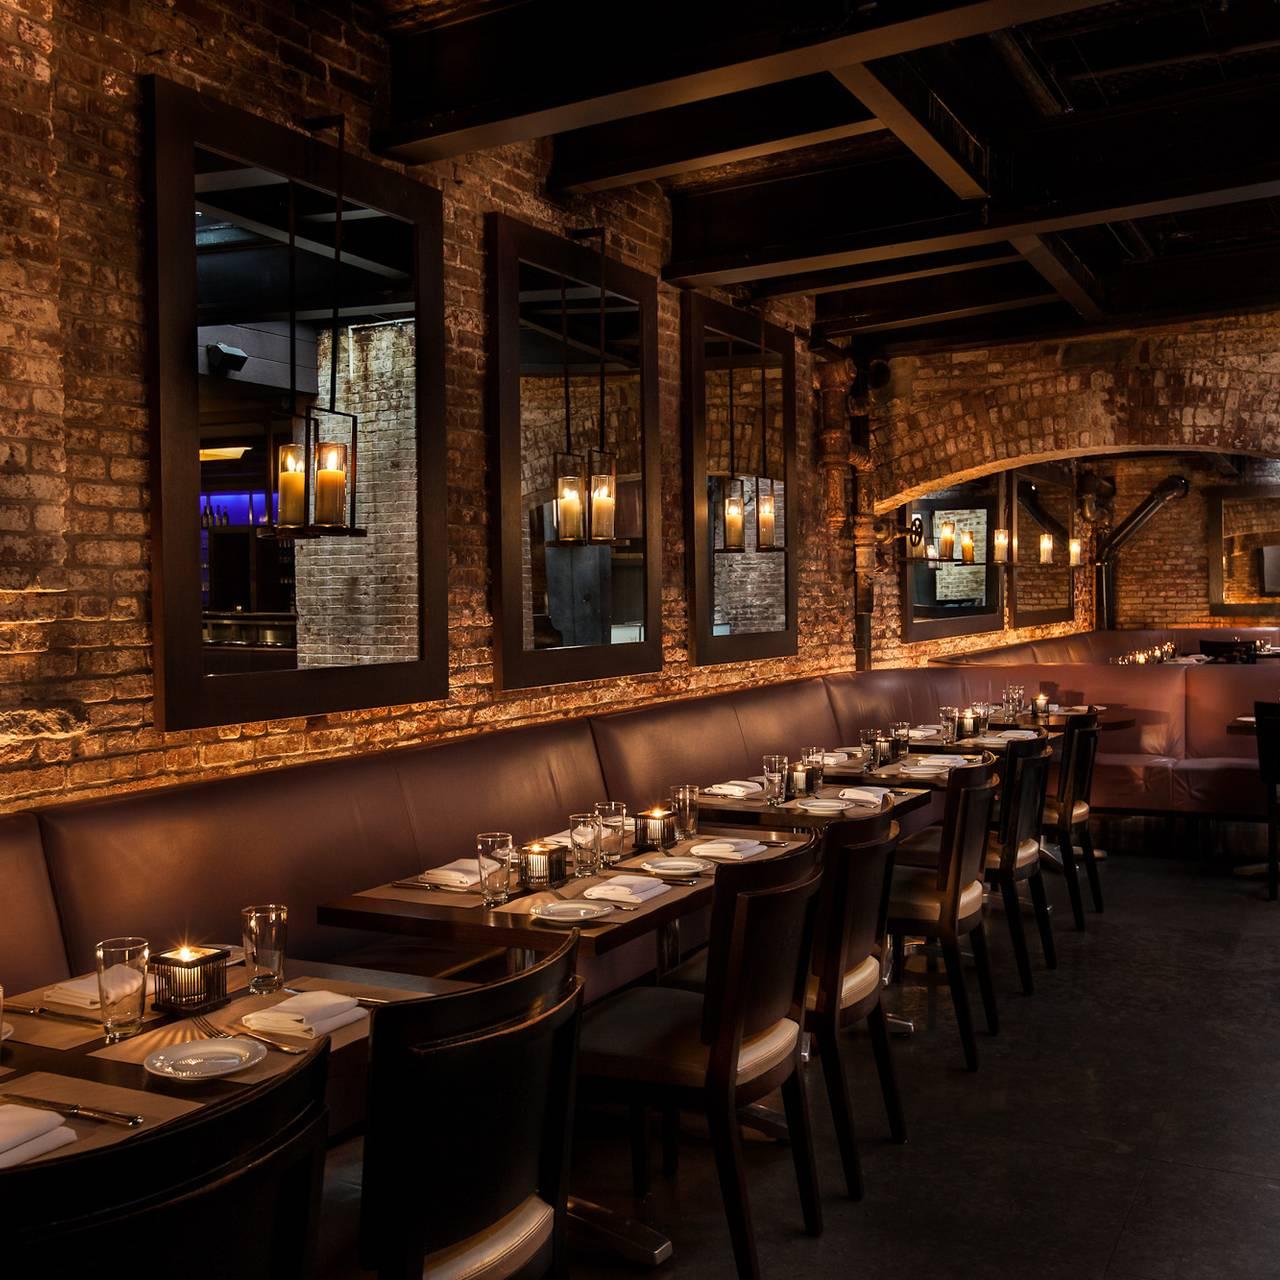 Mercer Kitchen Restaurant New York Ny Opentable